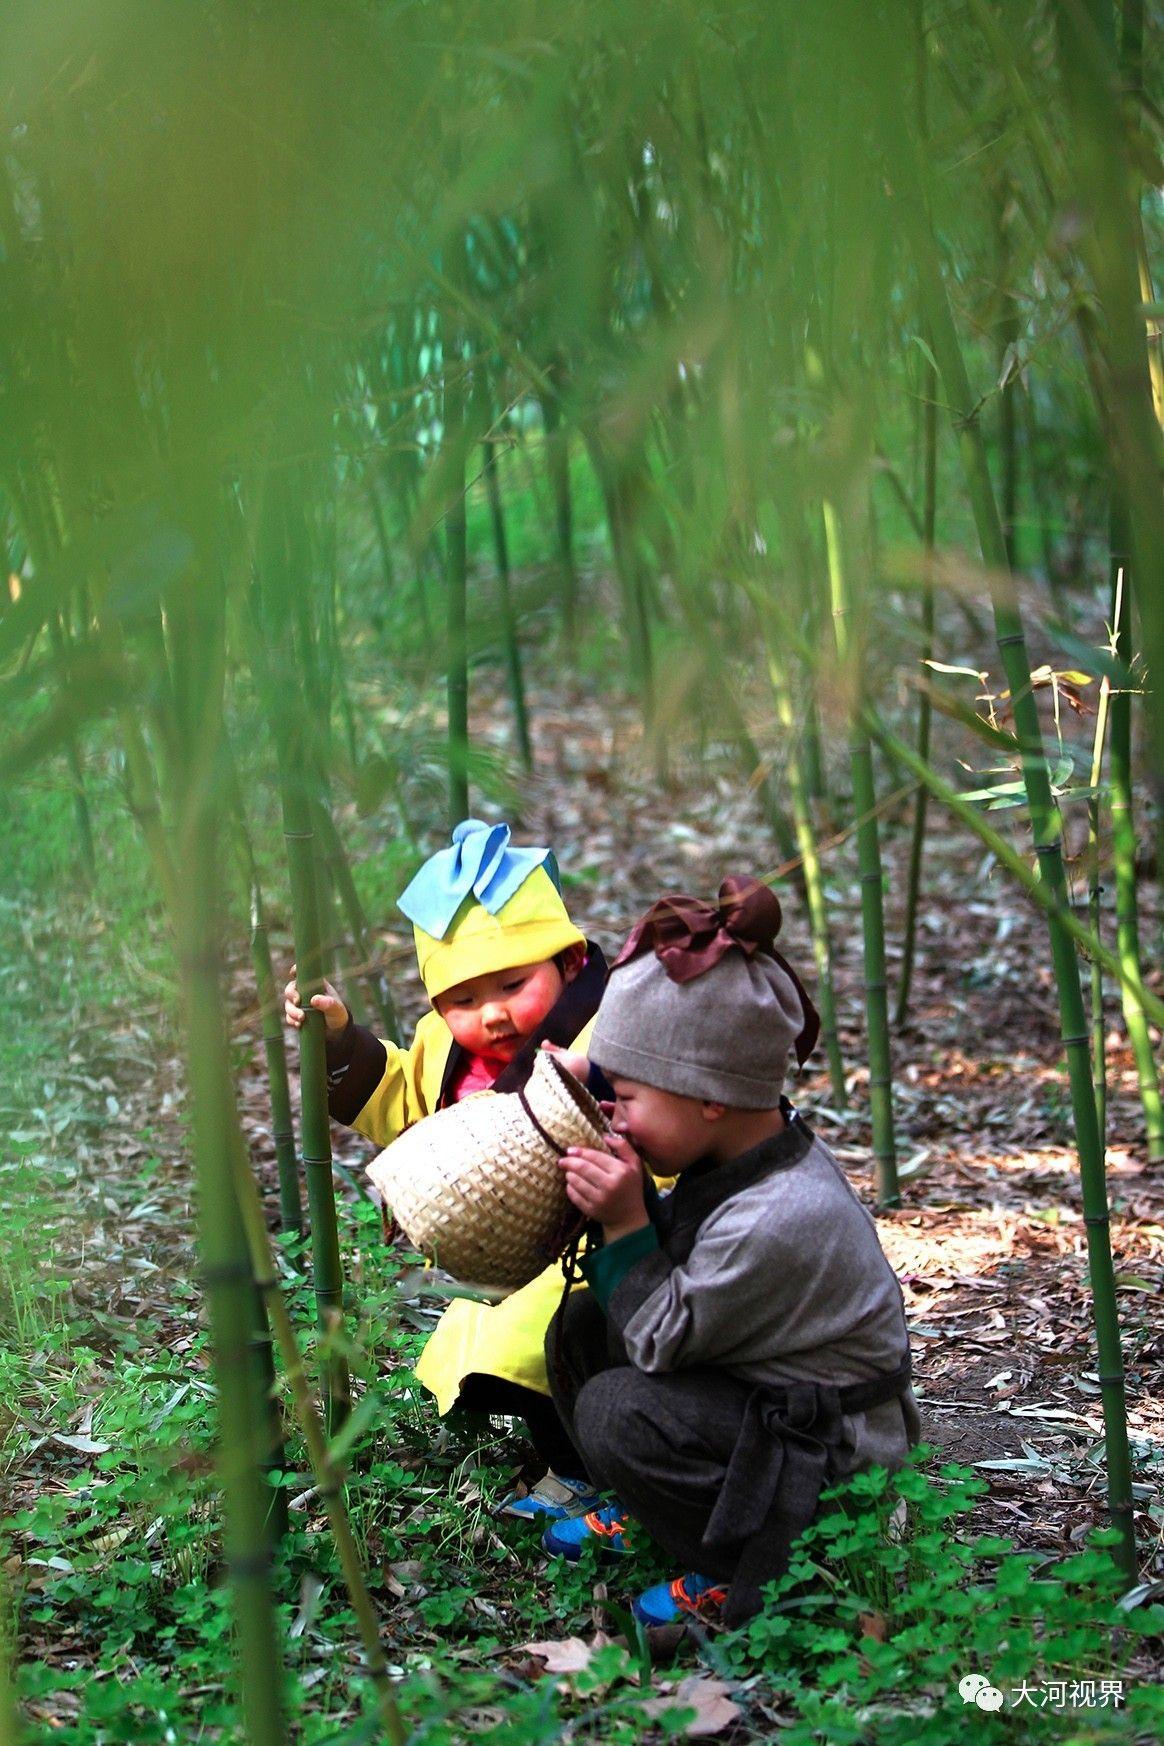 人民公园竹林里两名古装扮相的小游客在找春笋。